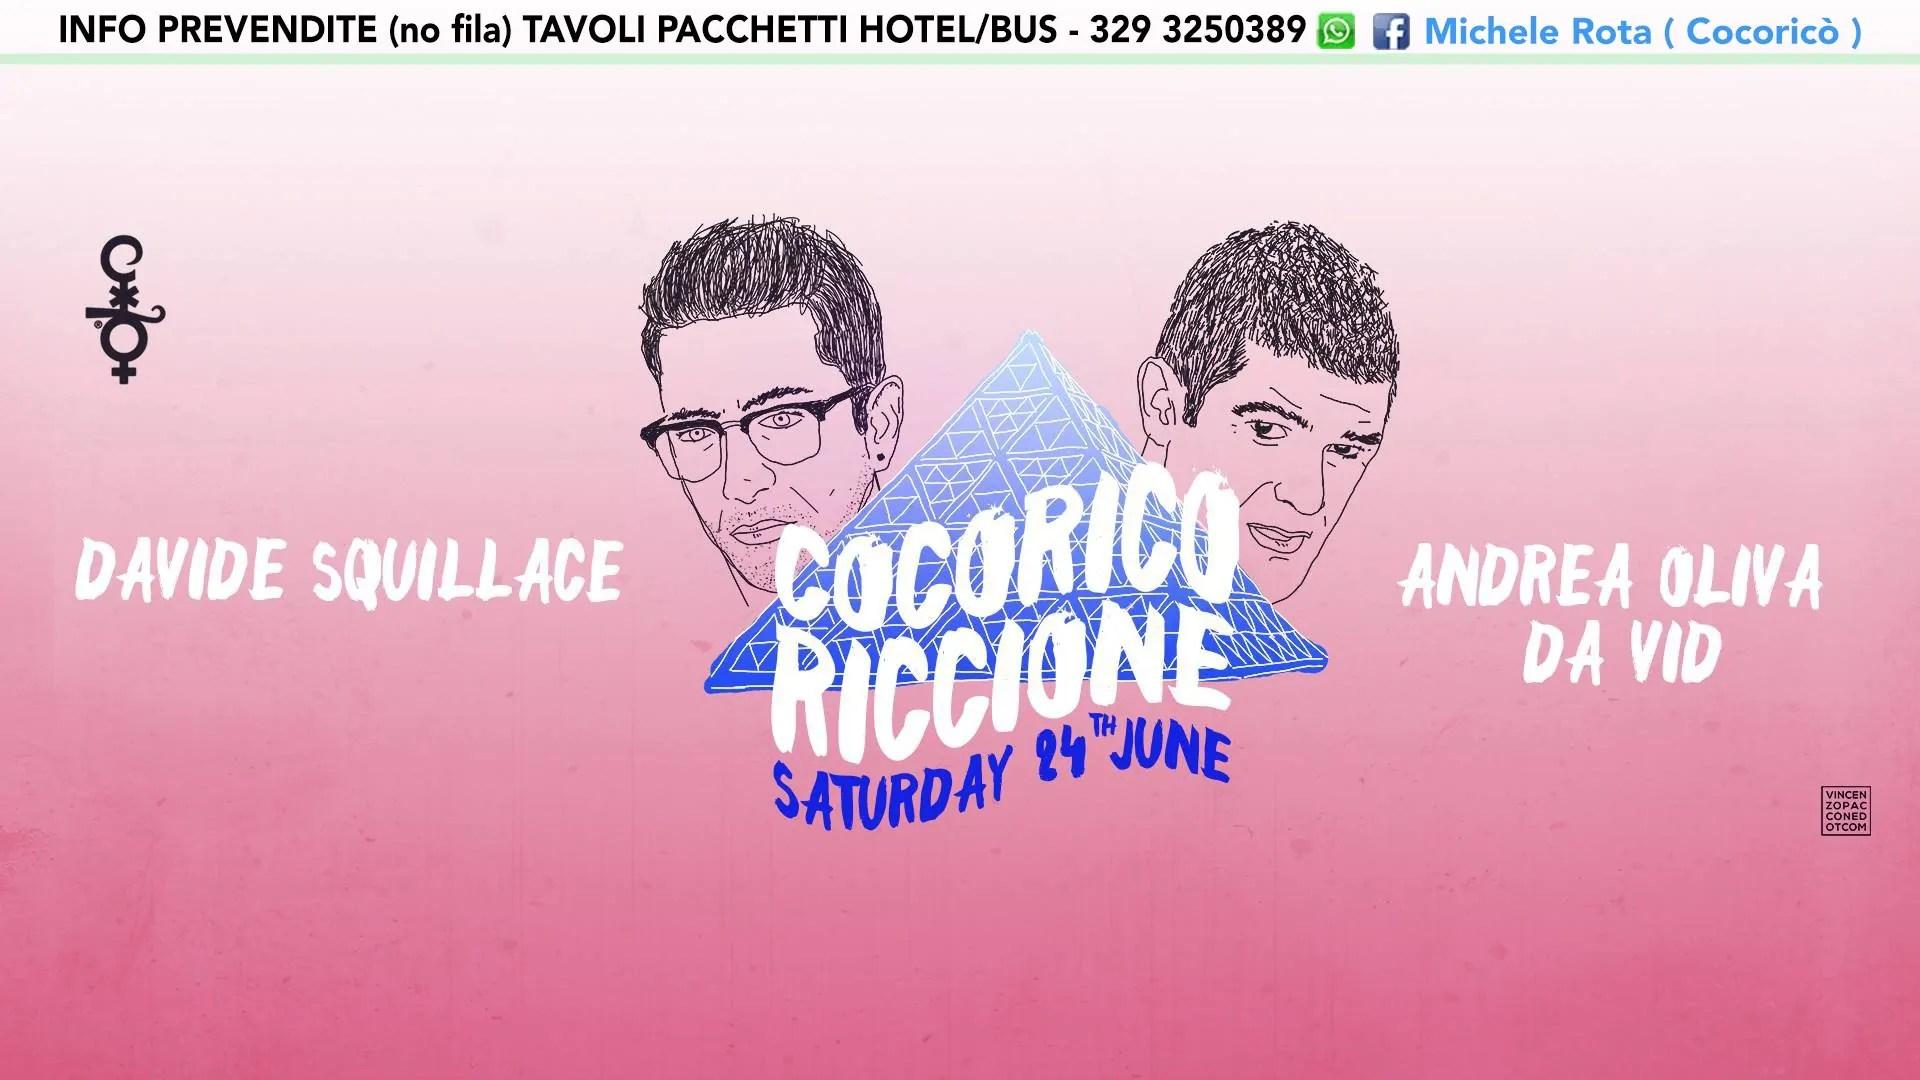 24 06 2017 COCORICO Riccione Davide Squillace + Andrea oliva + PREZZI PREVENDITE BIGLIETTI TAVOLI HOTEL + PULLMAN